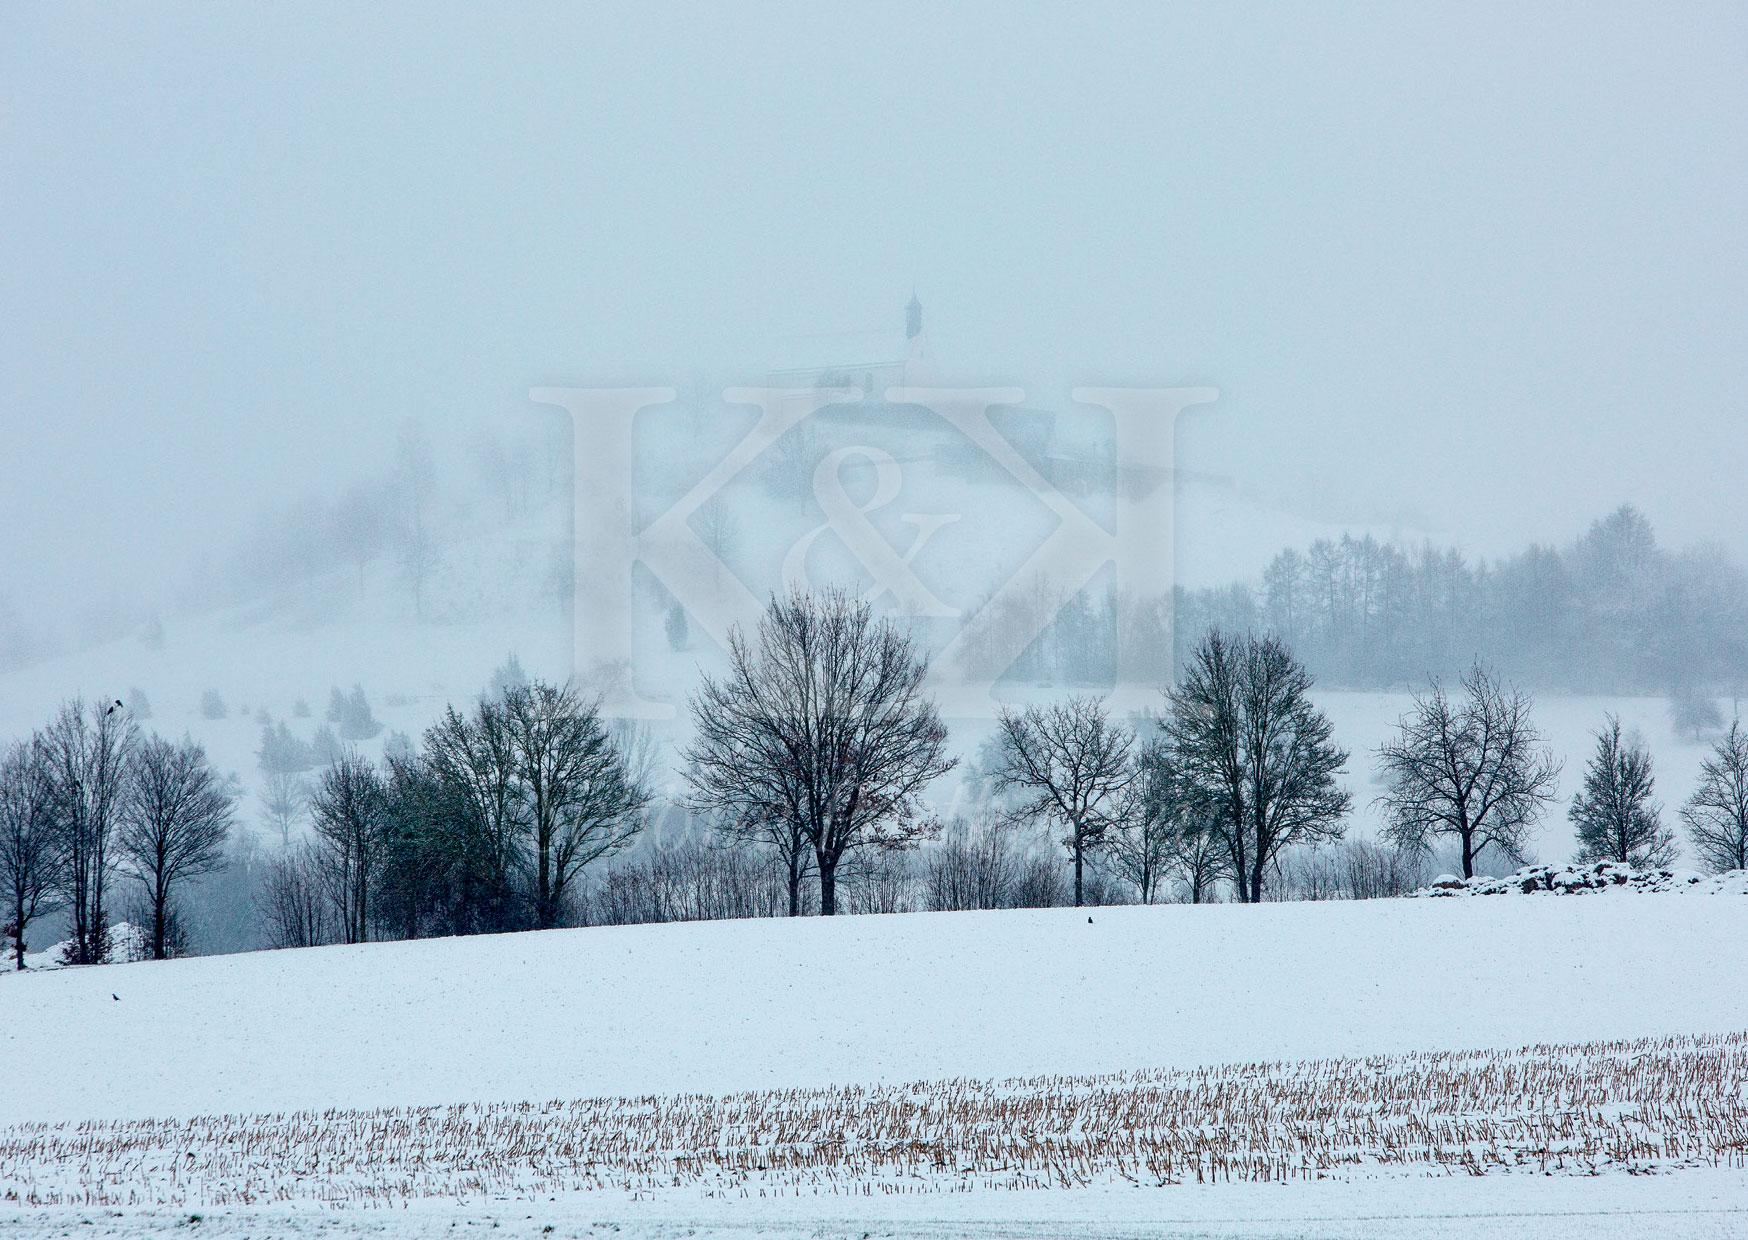 >>> NEU: Schöne Postkarte Nr. 23 · Im Winternebel nur noch zu erahnen: die Wurmlinger Kapelle bei Tübingen